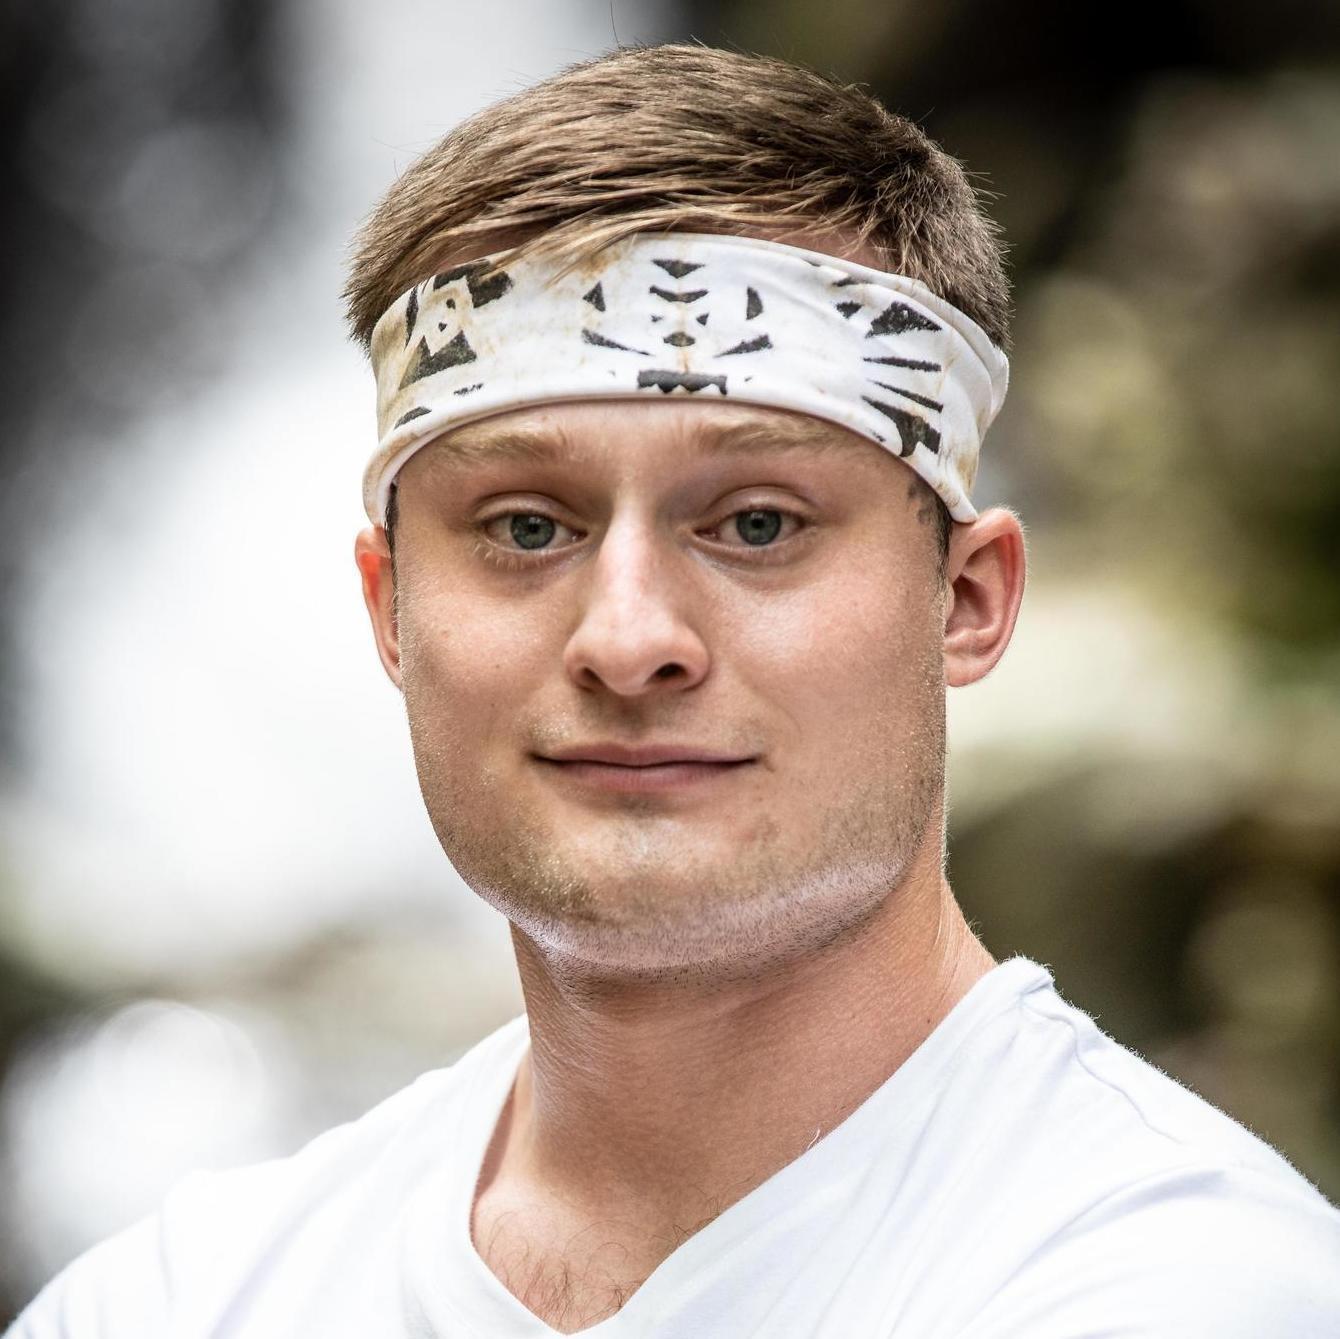 Michaël Zoltobroda